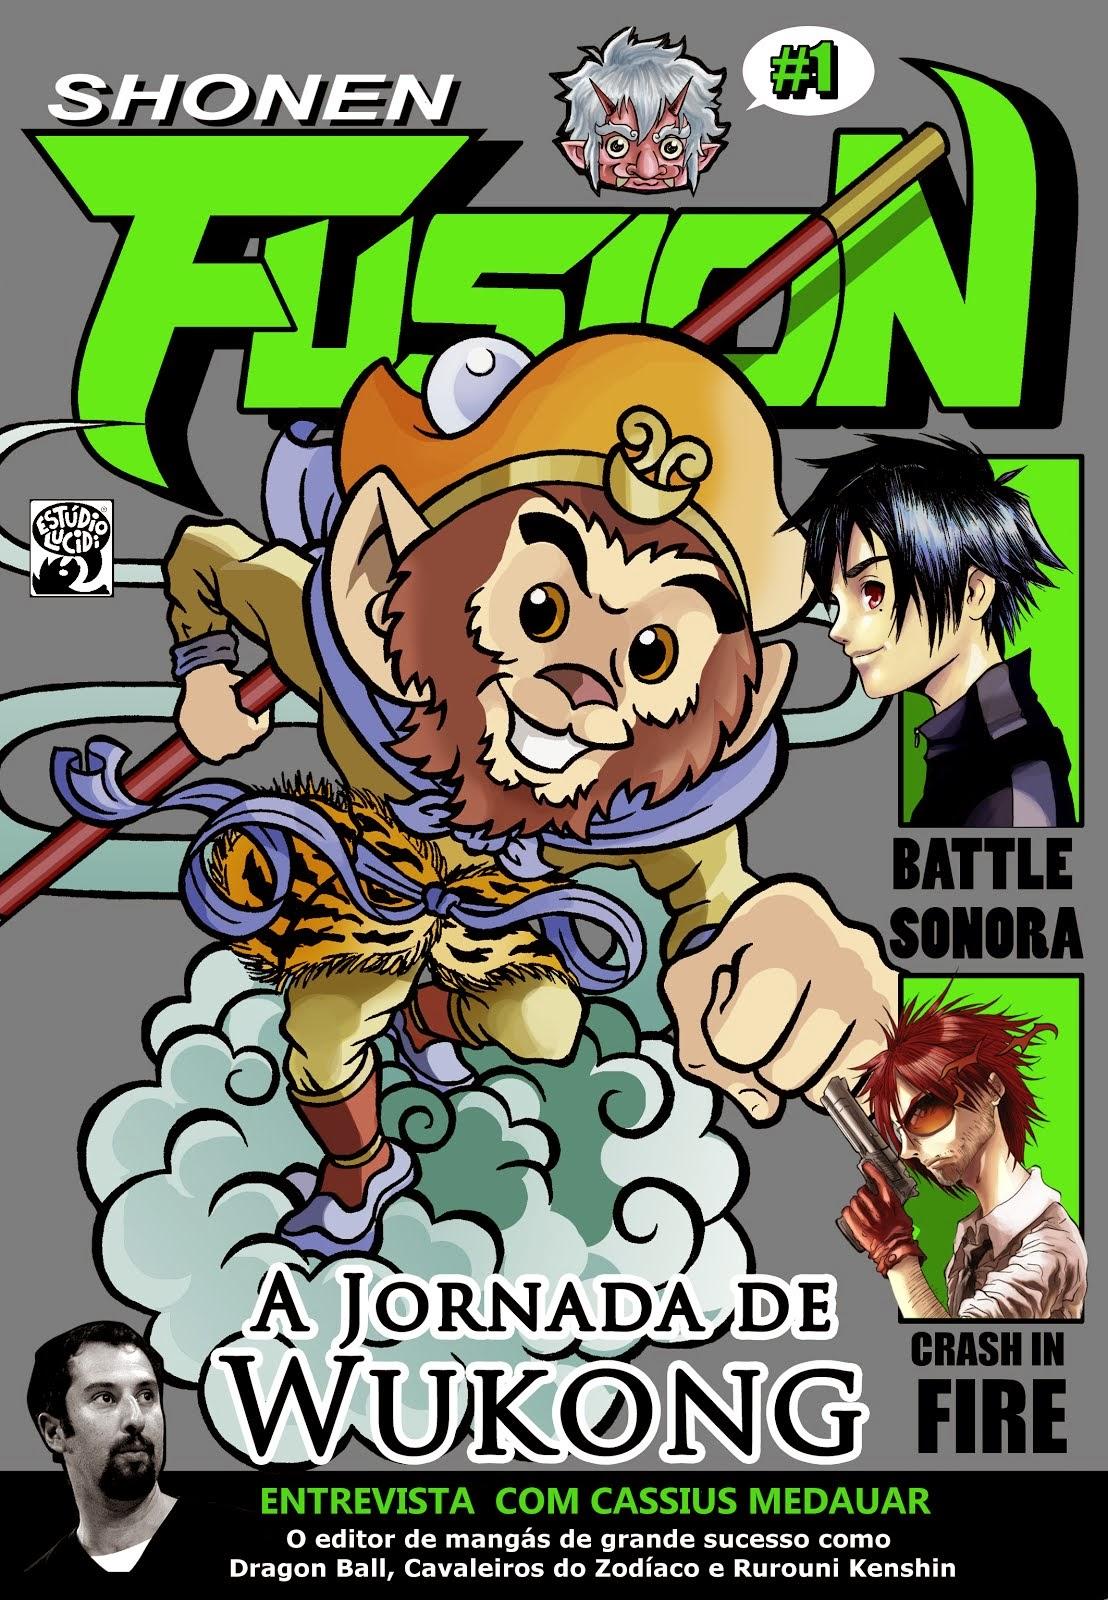 Shonen Fusion